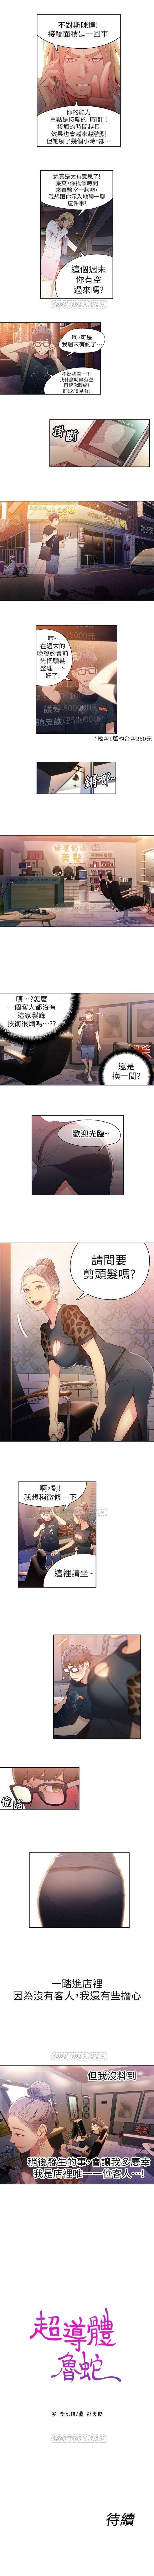 (週7)超導體魯蛇(超級吸引力) 1-22 中文翻譯(更新中) 82